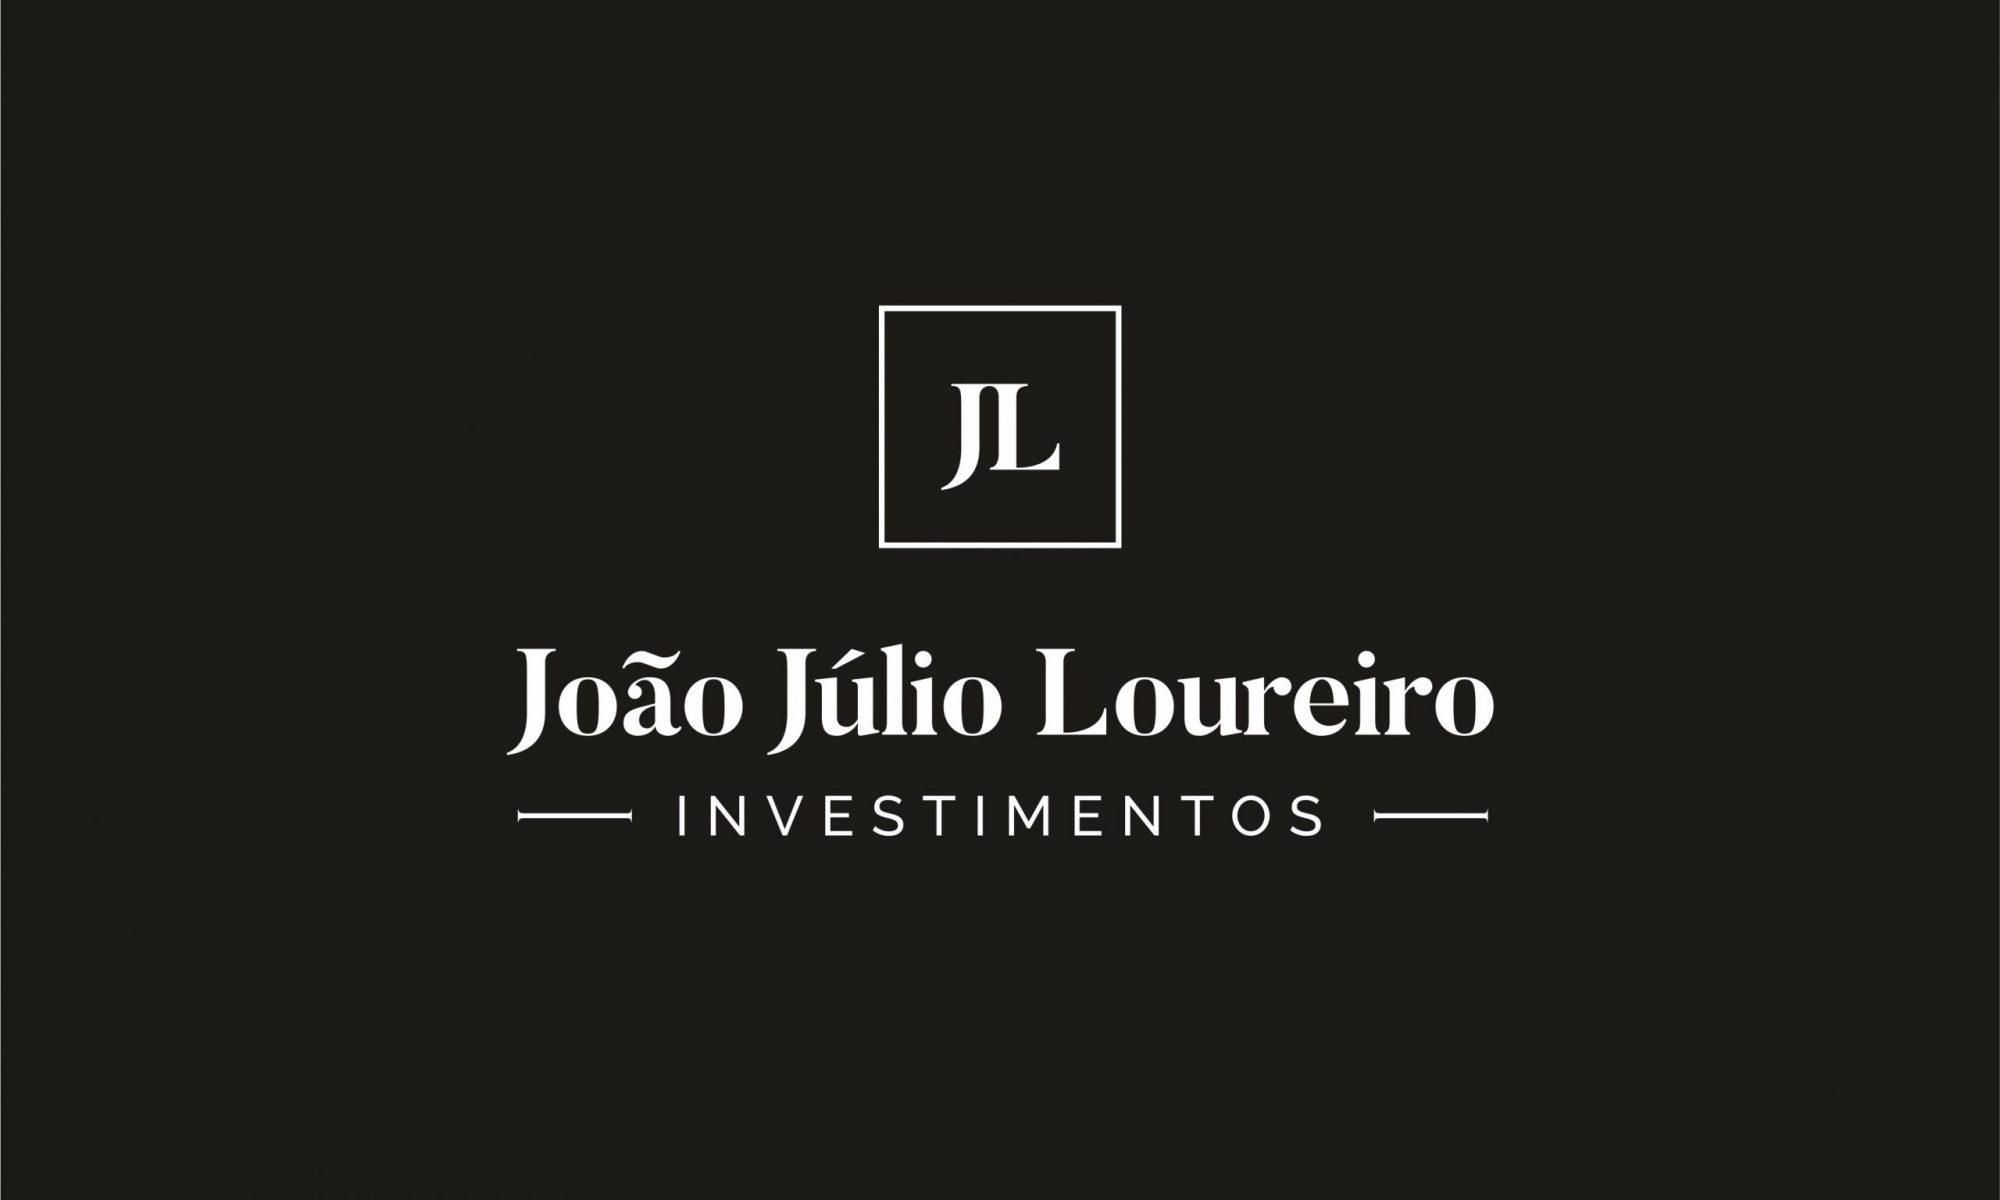 João Julio Loureiro Investimentos